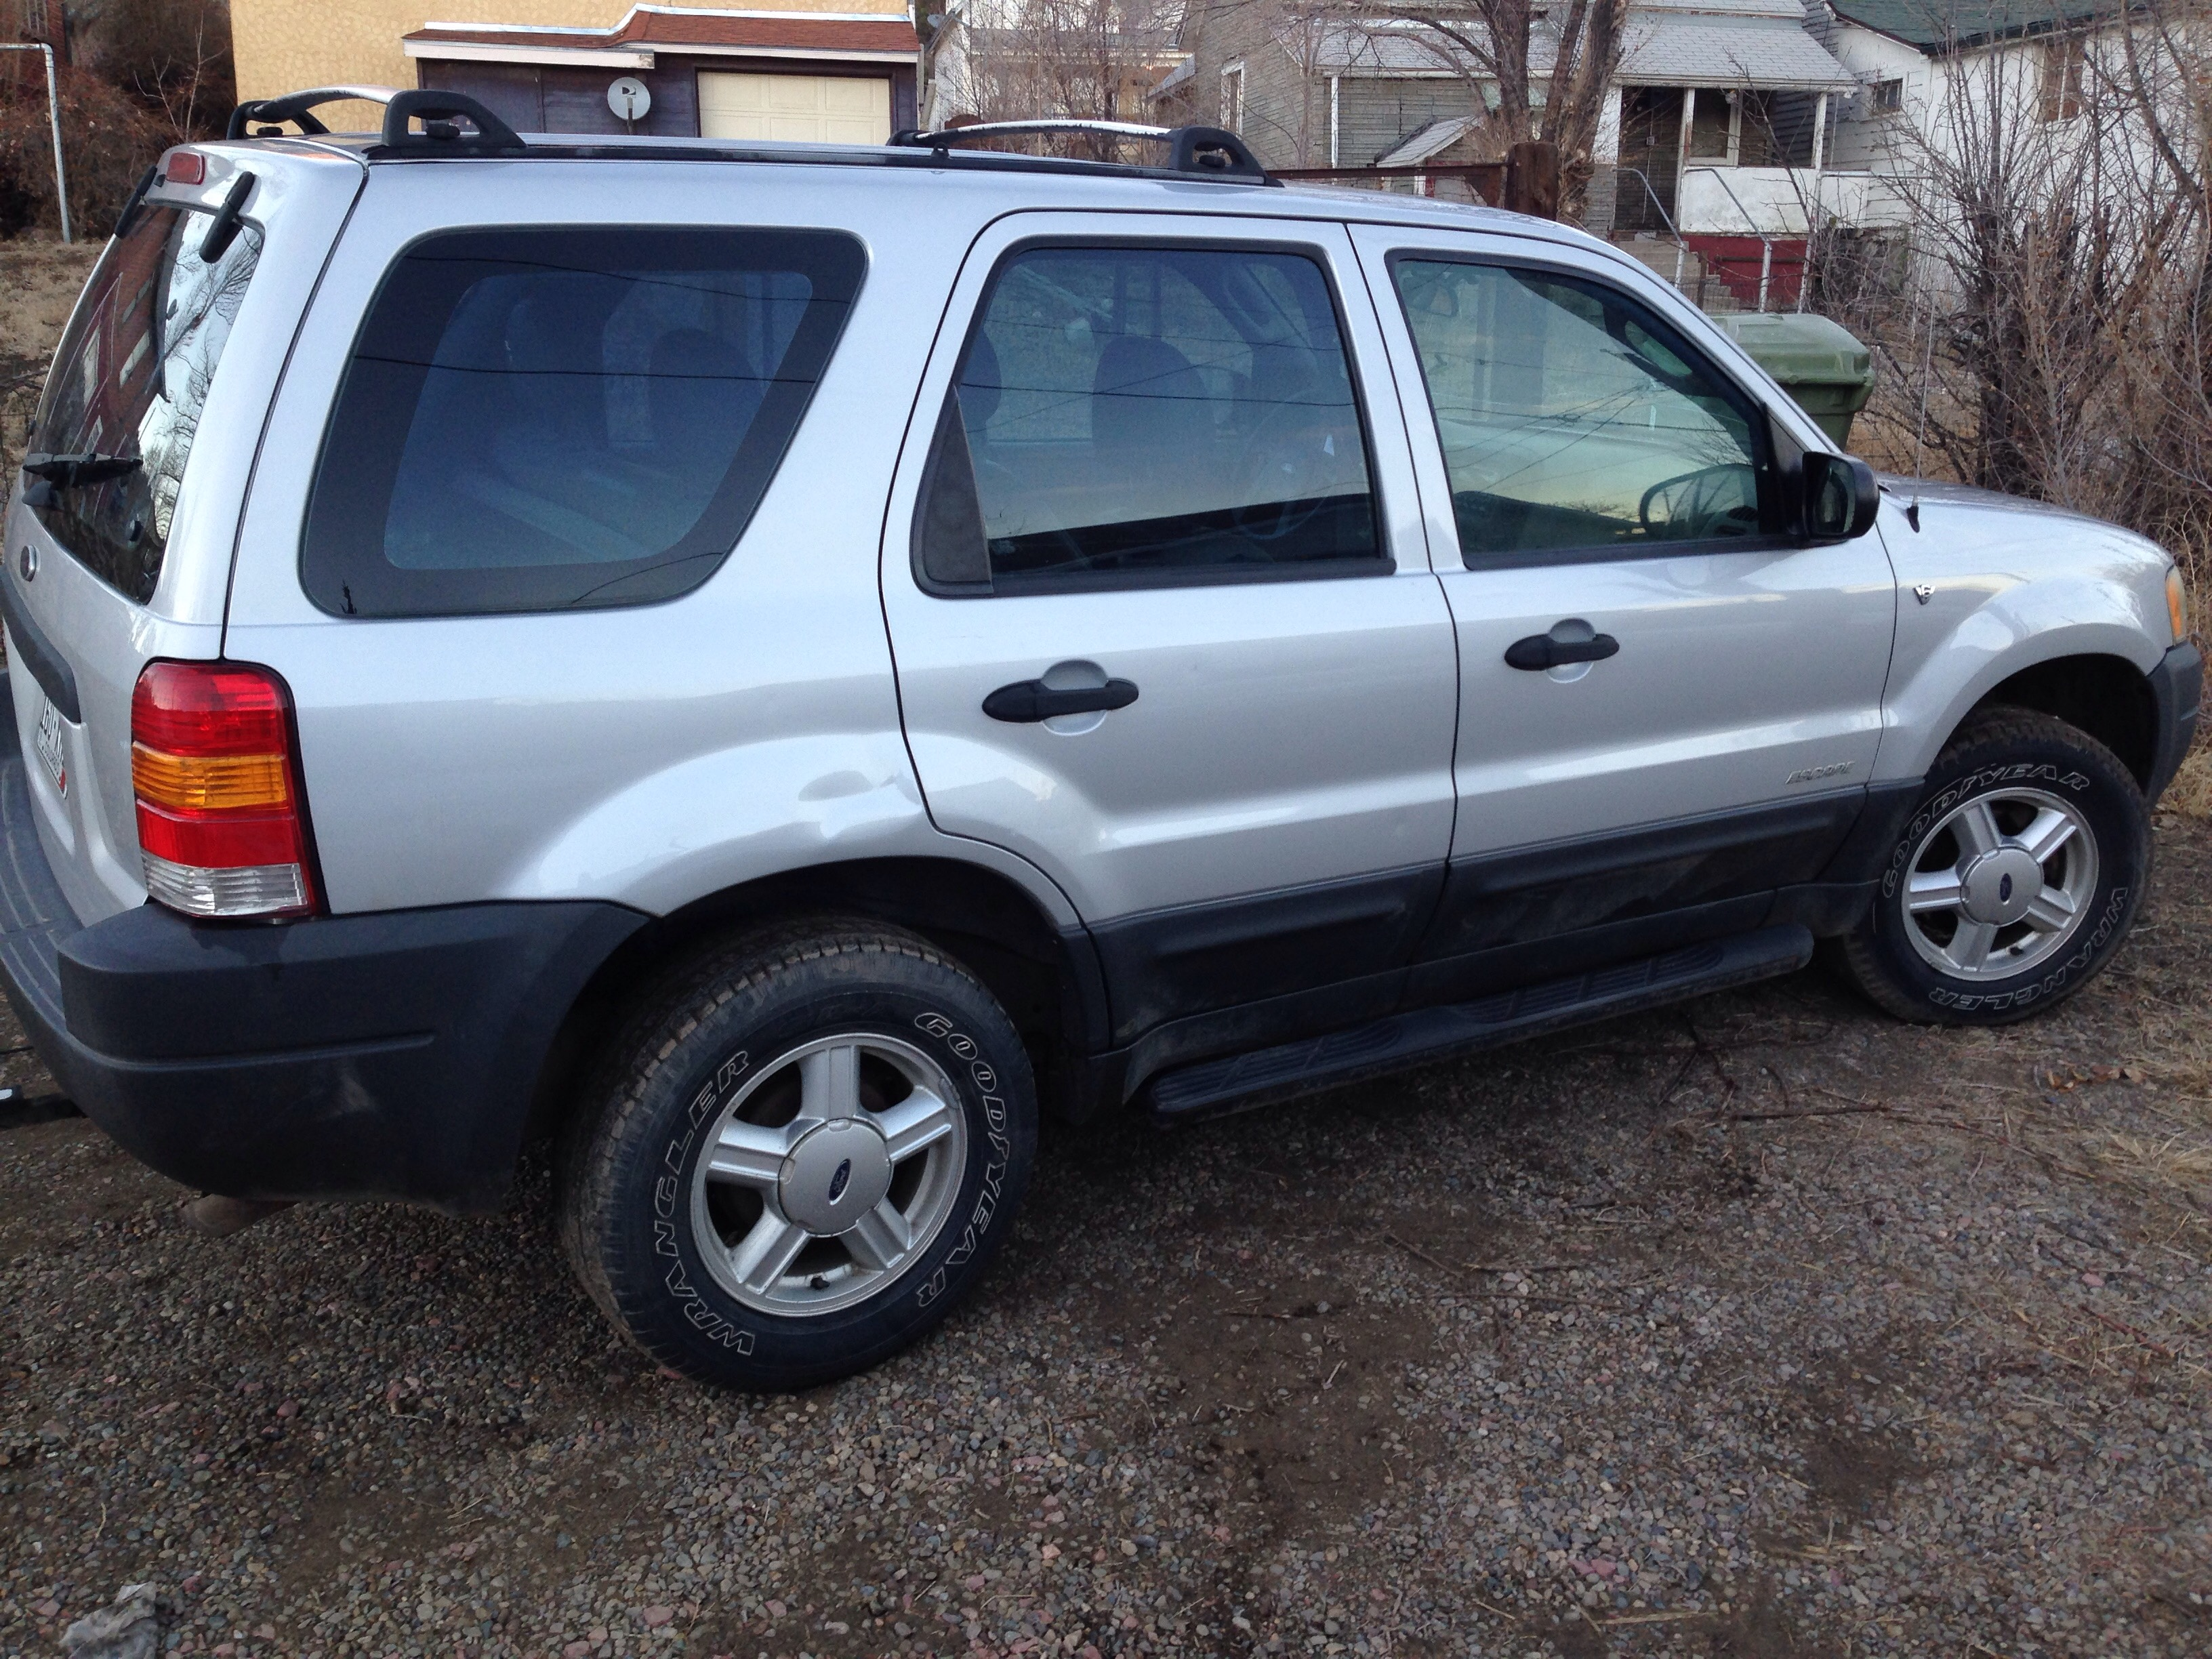 Picture of Ford Escape Tailgate Fix